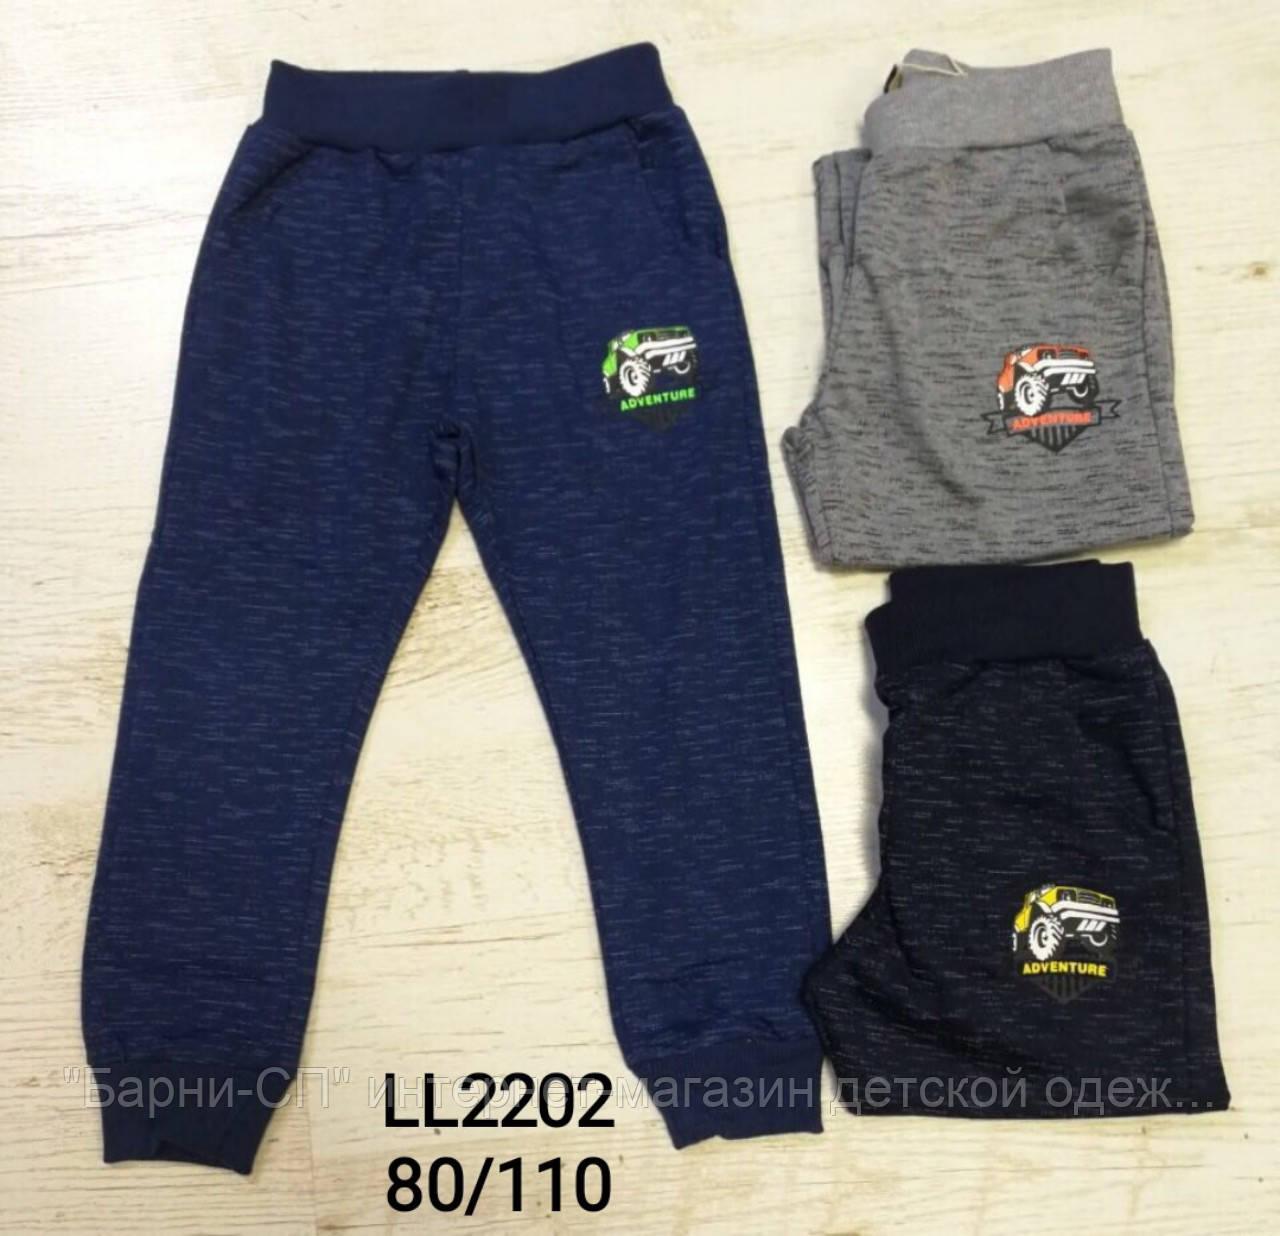 b8a4426ba96a Трикотажные спортивные брюки для мальчиков оптом, Sincere 80-110 рр ...